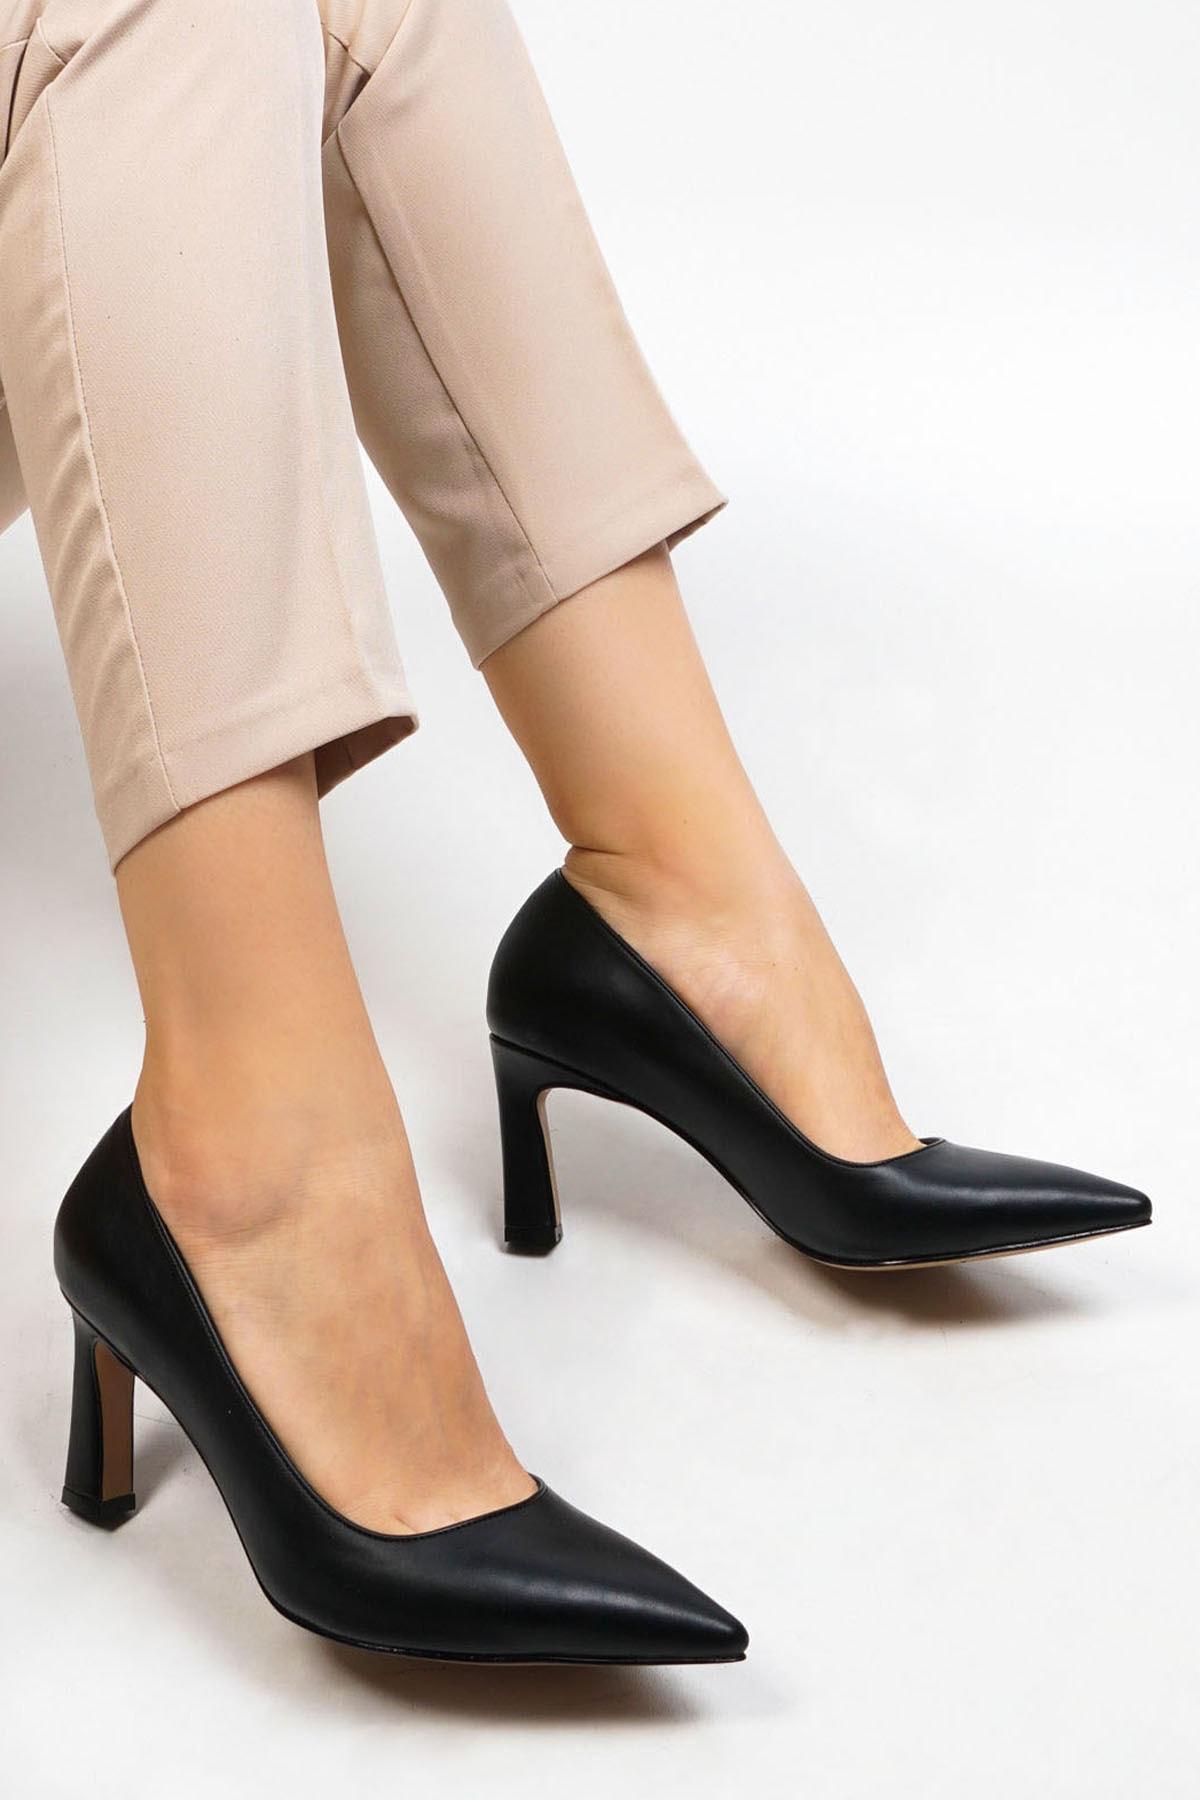 Marjin Akuna Kadın Stiletto Topuklu Ayakkabısiyah 1